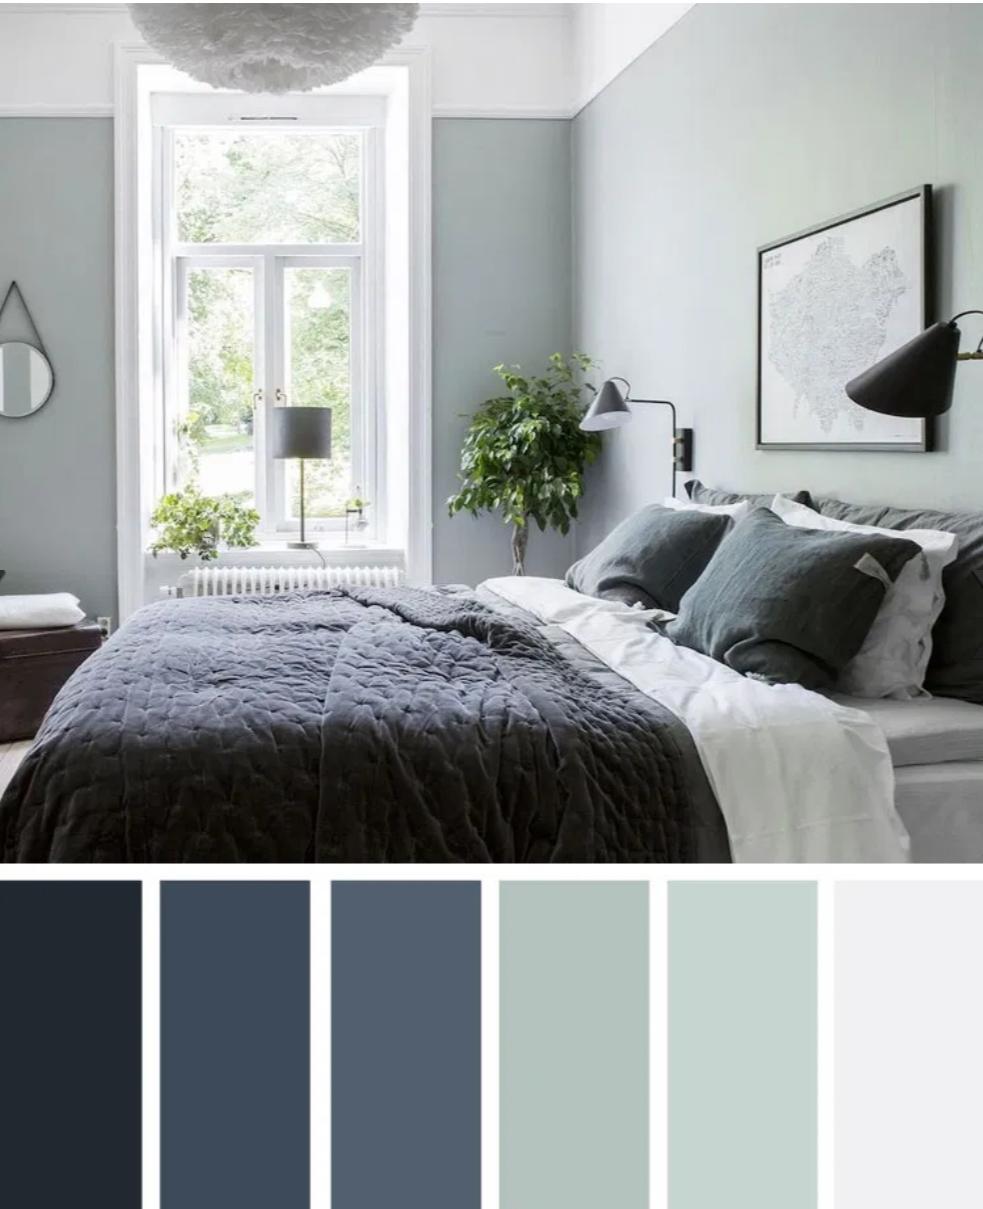 Barevné kombinace nejen do ložnice. - Obrázek č. 24